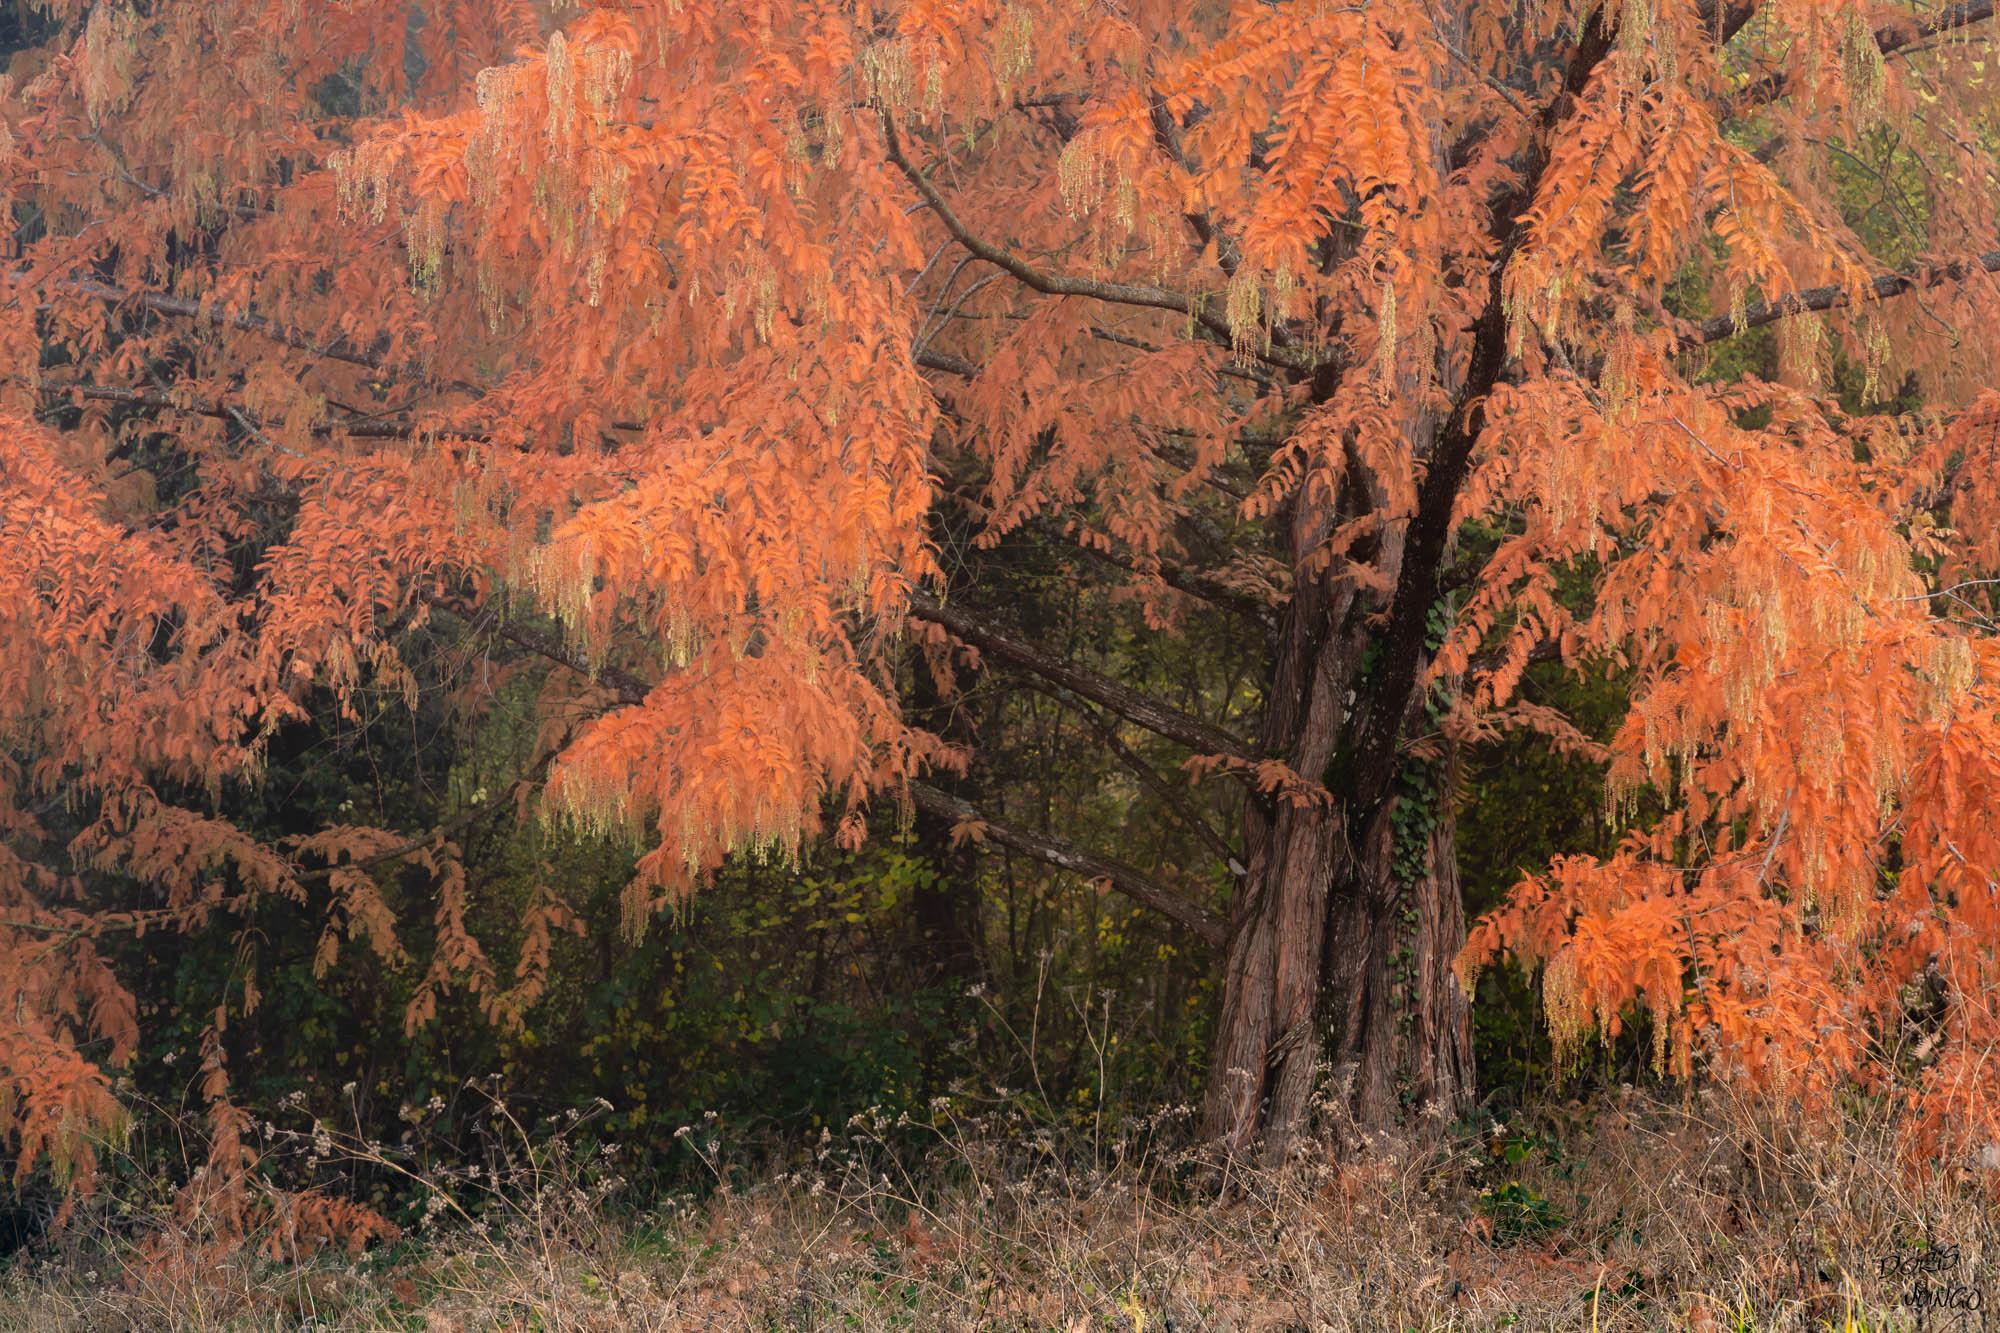 Le vieux mélèze en automne